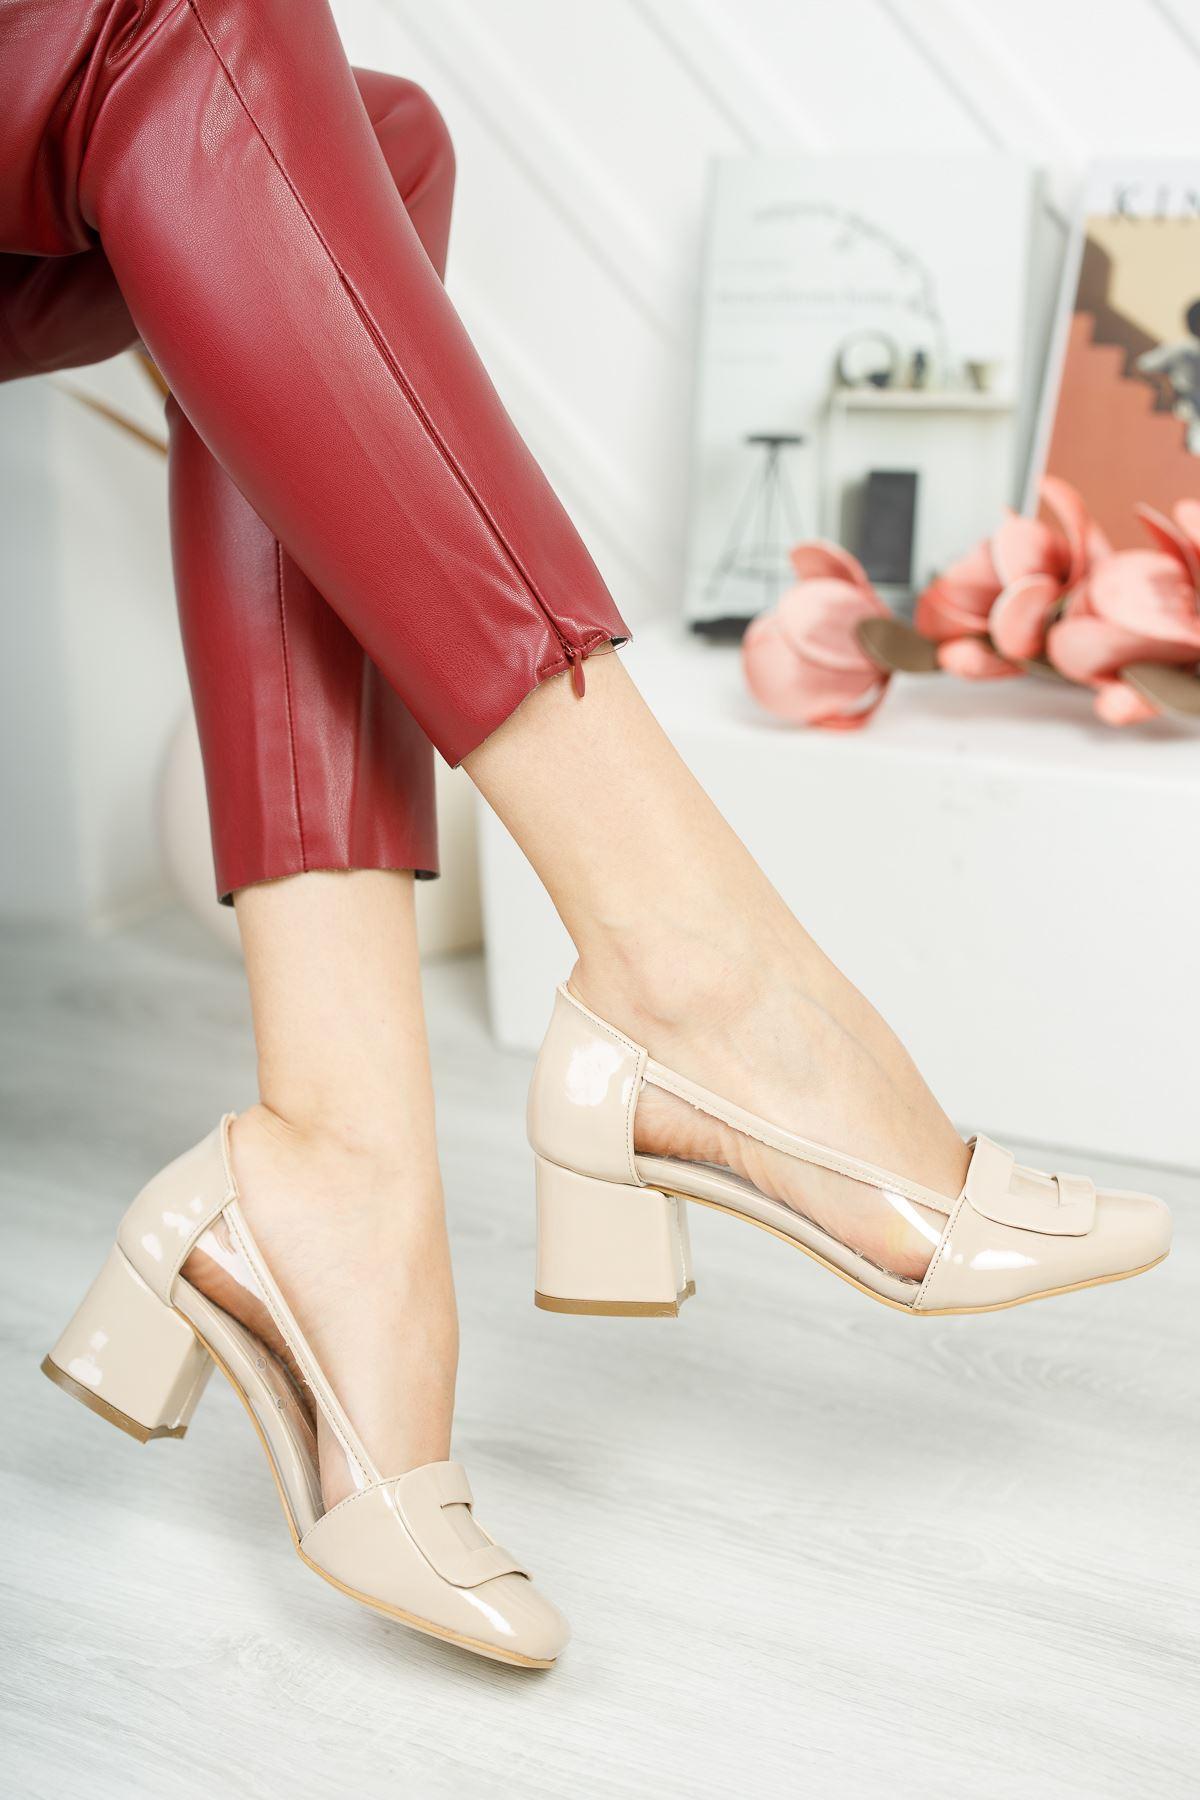 Rindek Lüks Vizon Rugan Şeffaf Detay Yüksek Topuk Kadın Ayakkabı